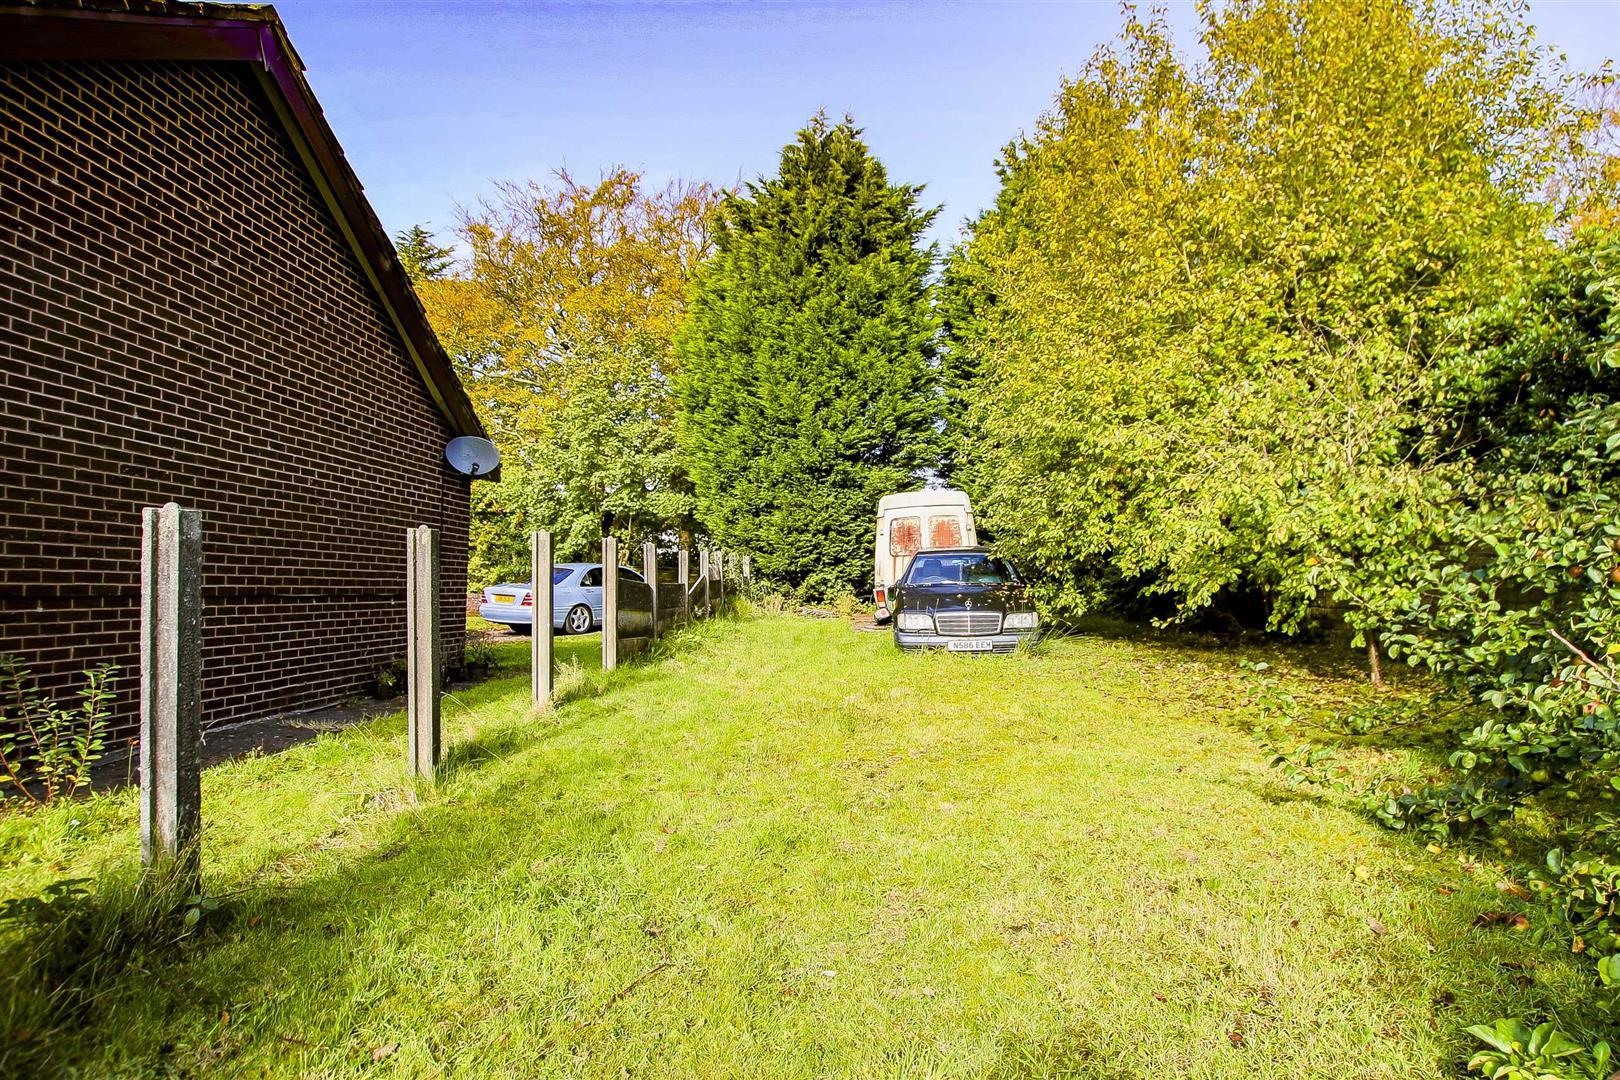 5 Bedroom Building Plot Land For Sale - Image 9